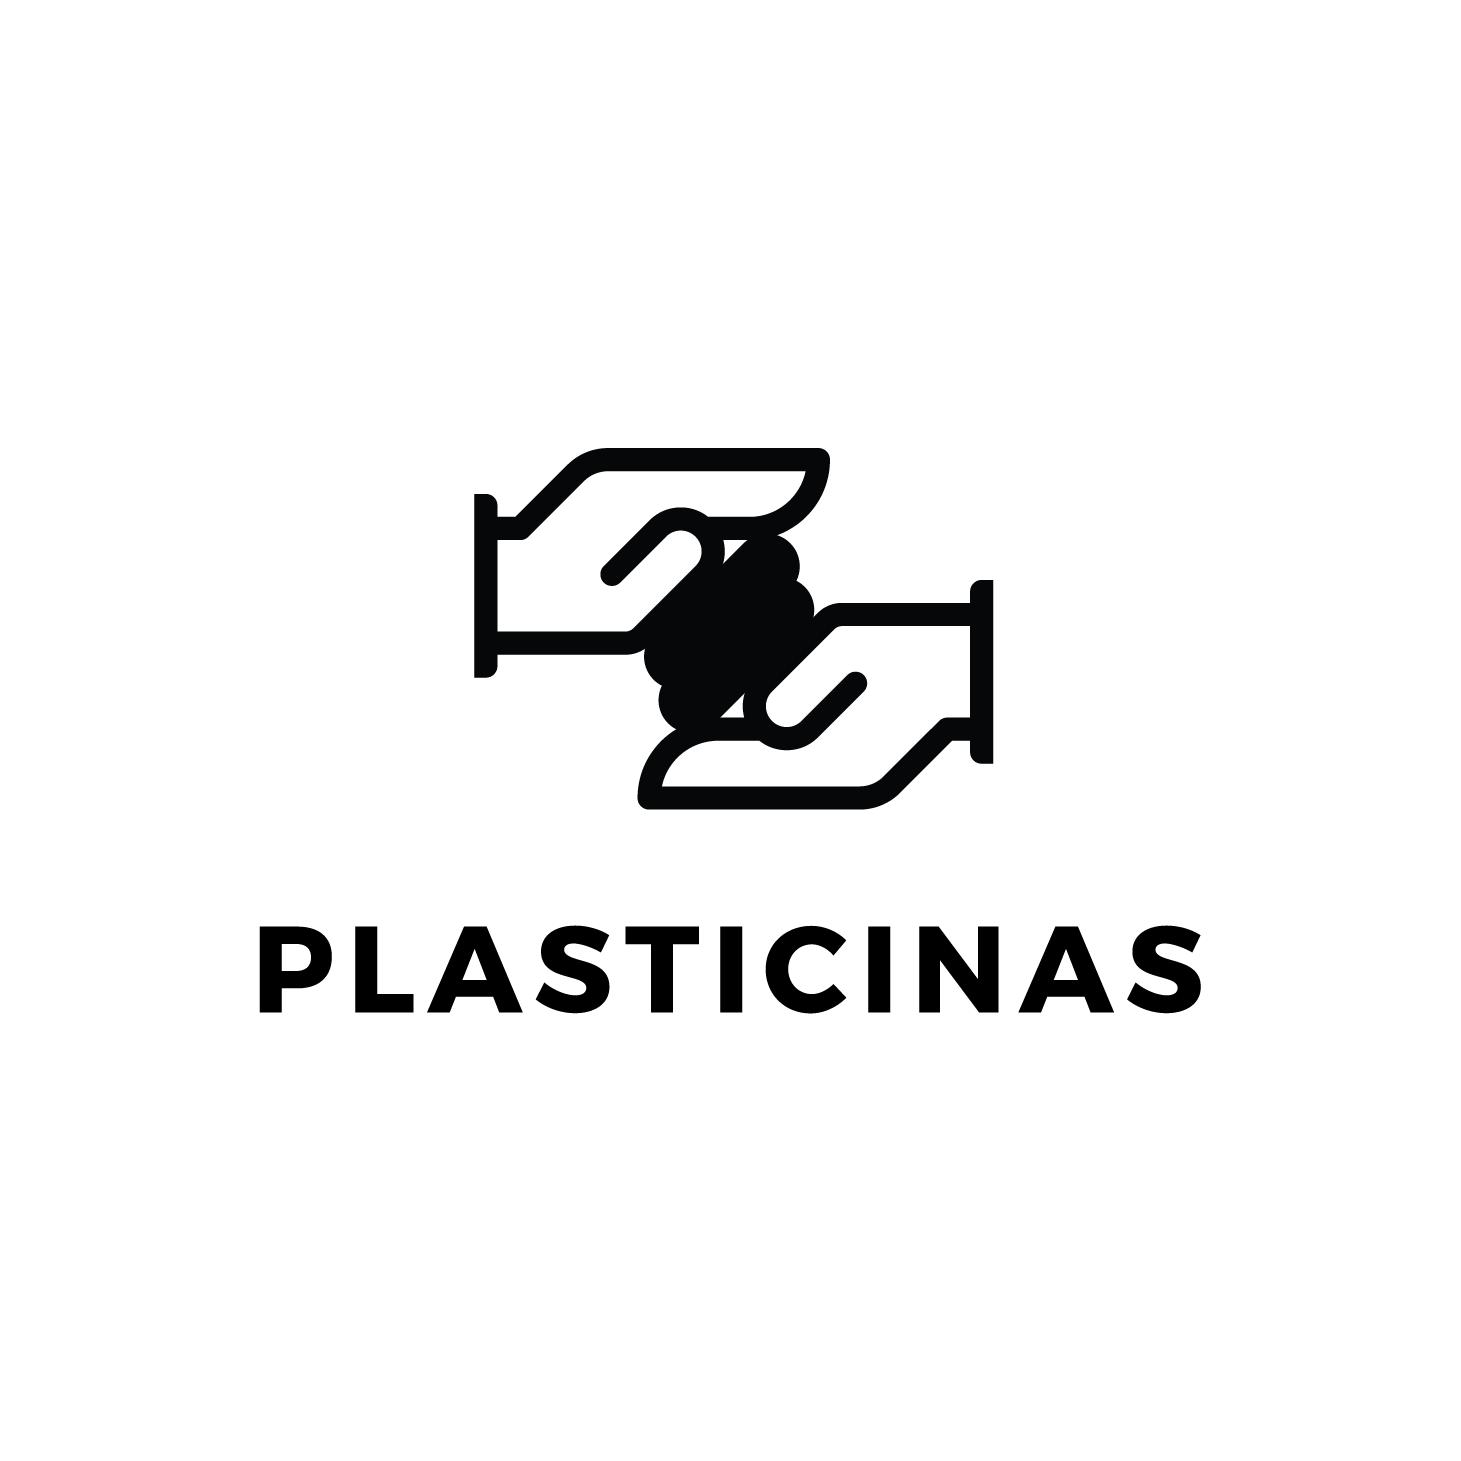 Plasticinas 02